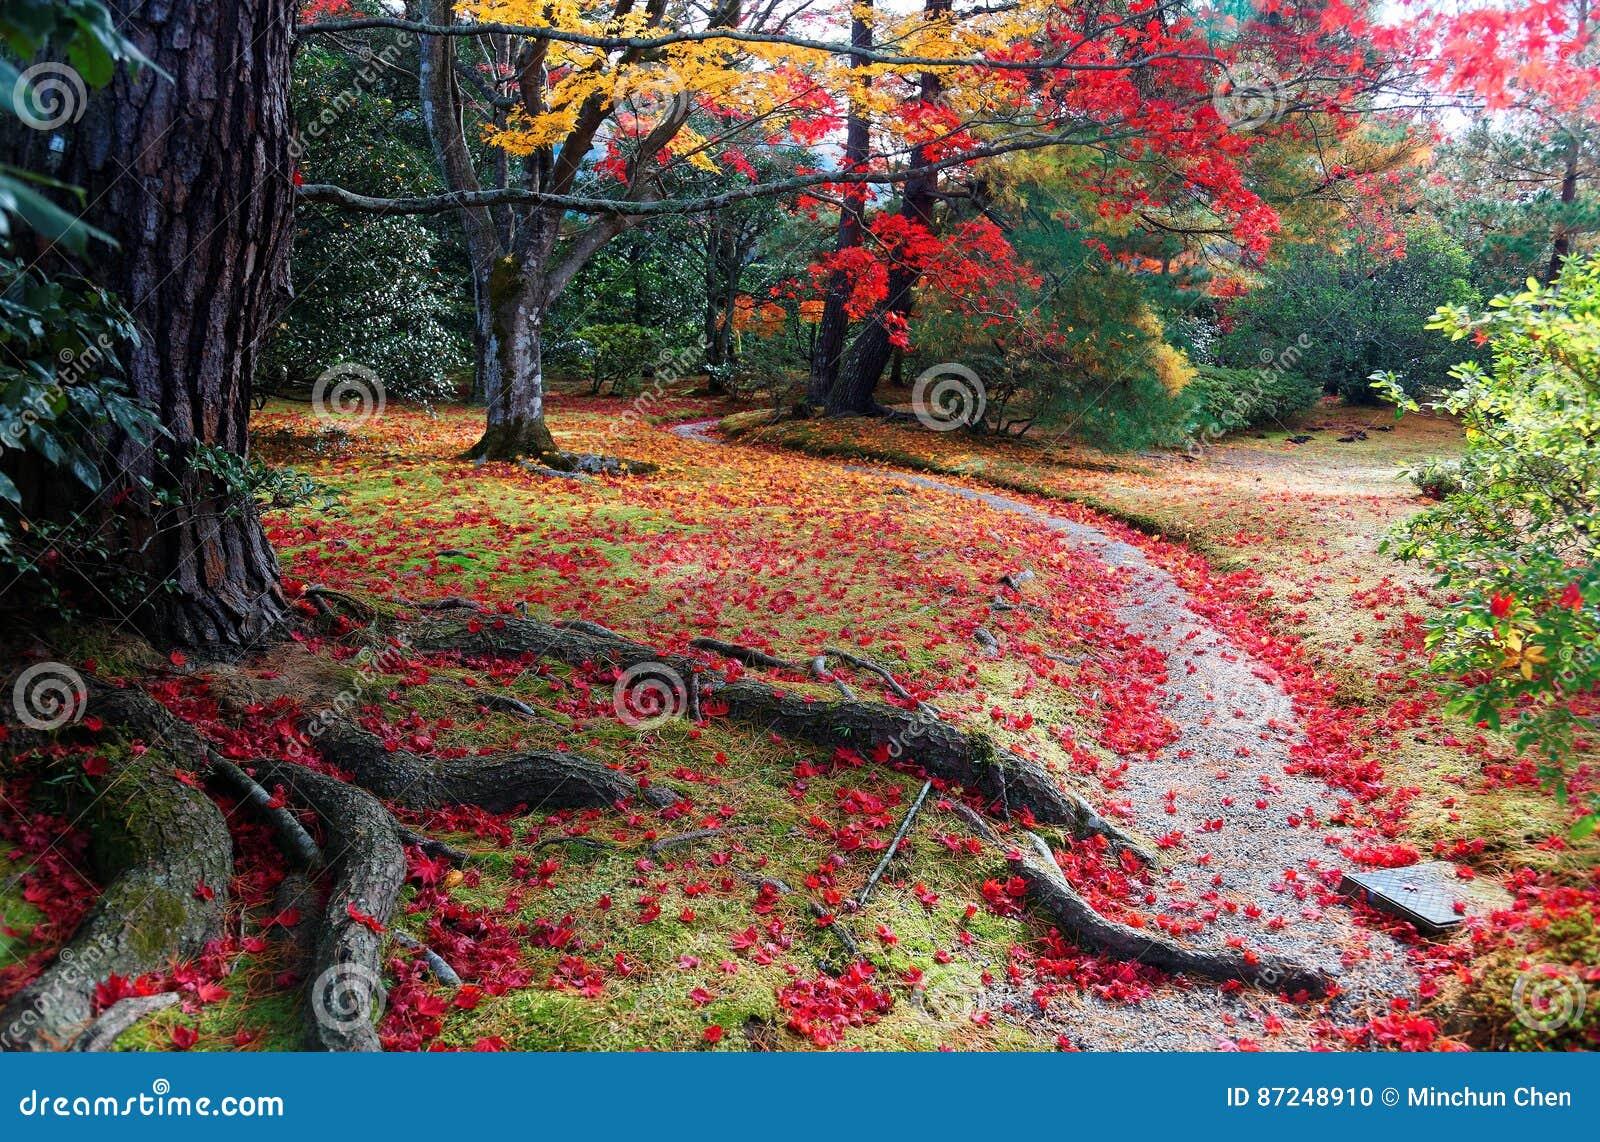 Falllandschaft des bunten Laubs der japanischen Ahornbäume und der gefallenen Blätter auf einer Spur im Garten Kaiserlandhauses S